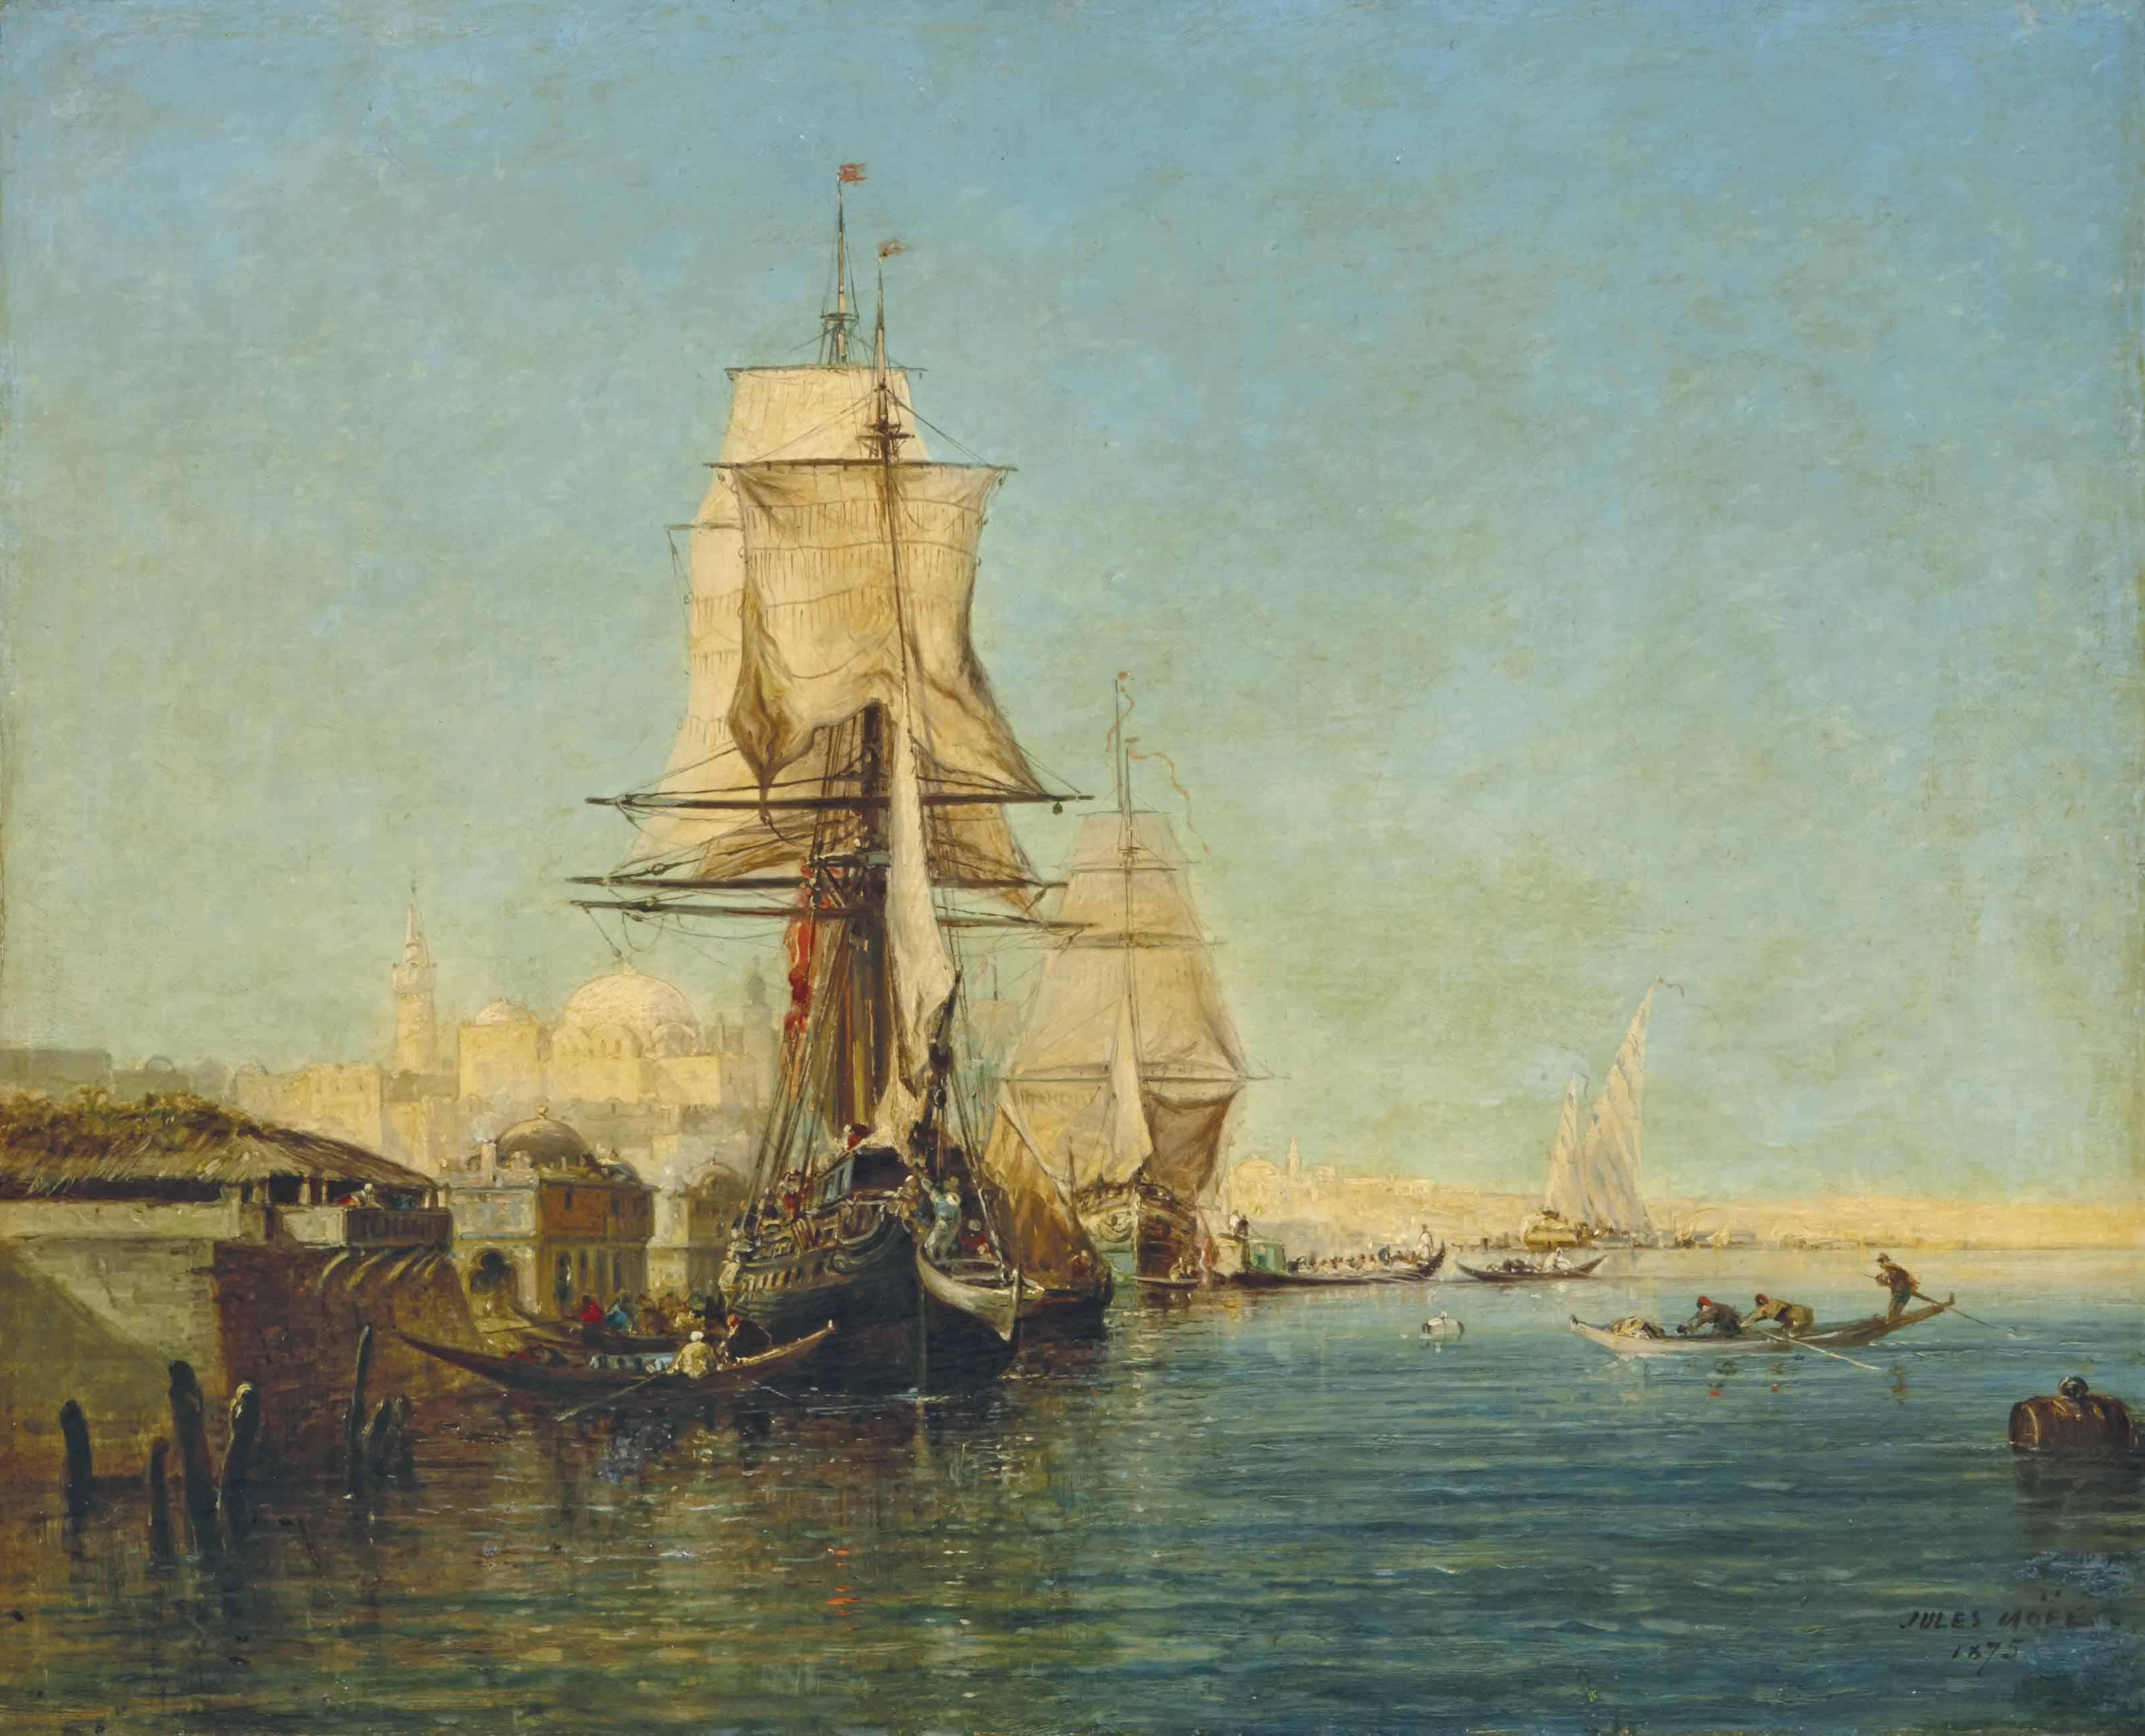 Les rives du Bosphore avec une vue présumée de Constantinople en arrière-plan